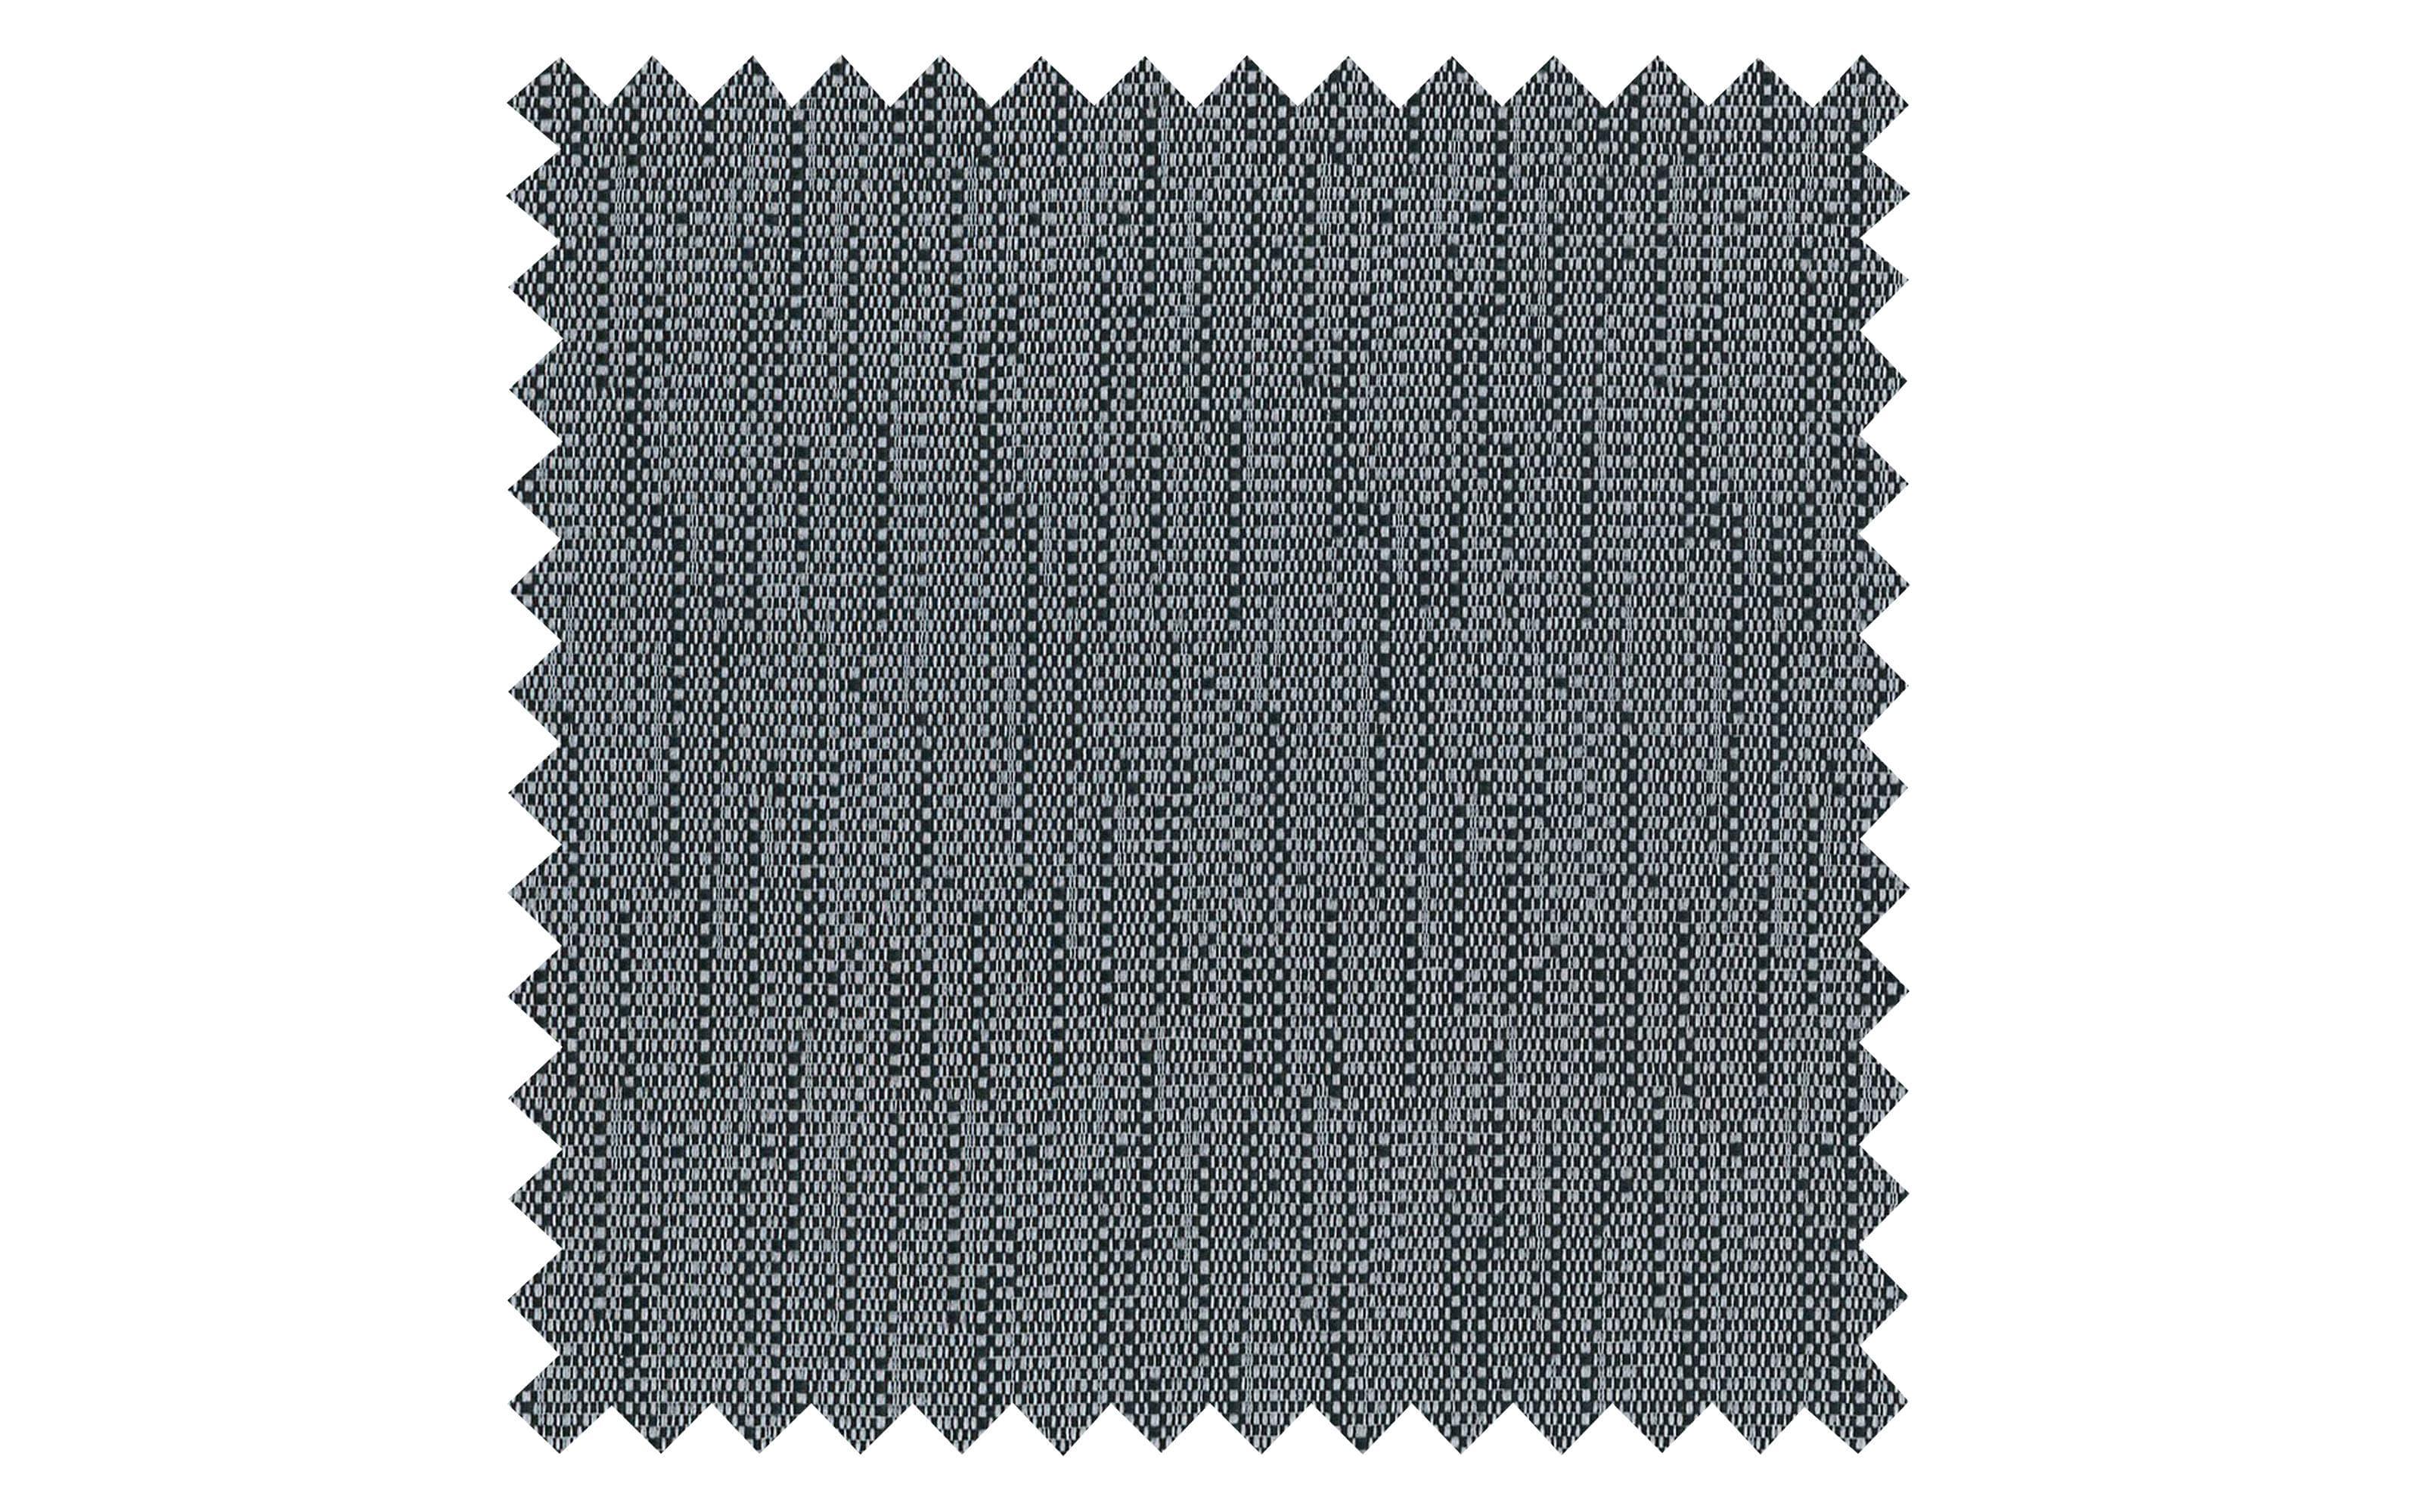 Nachtkonsole Lancy in Design 142/09 grau meliert